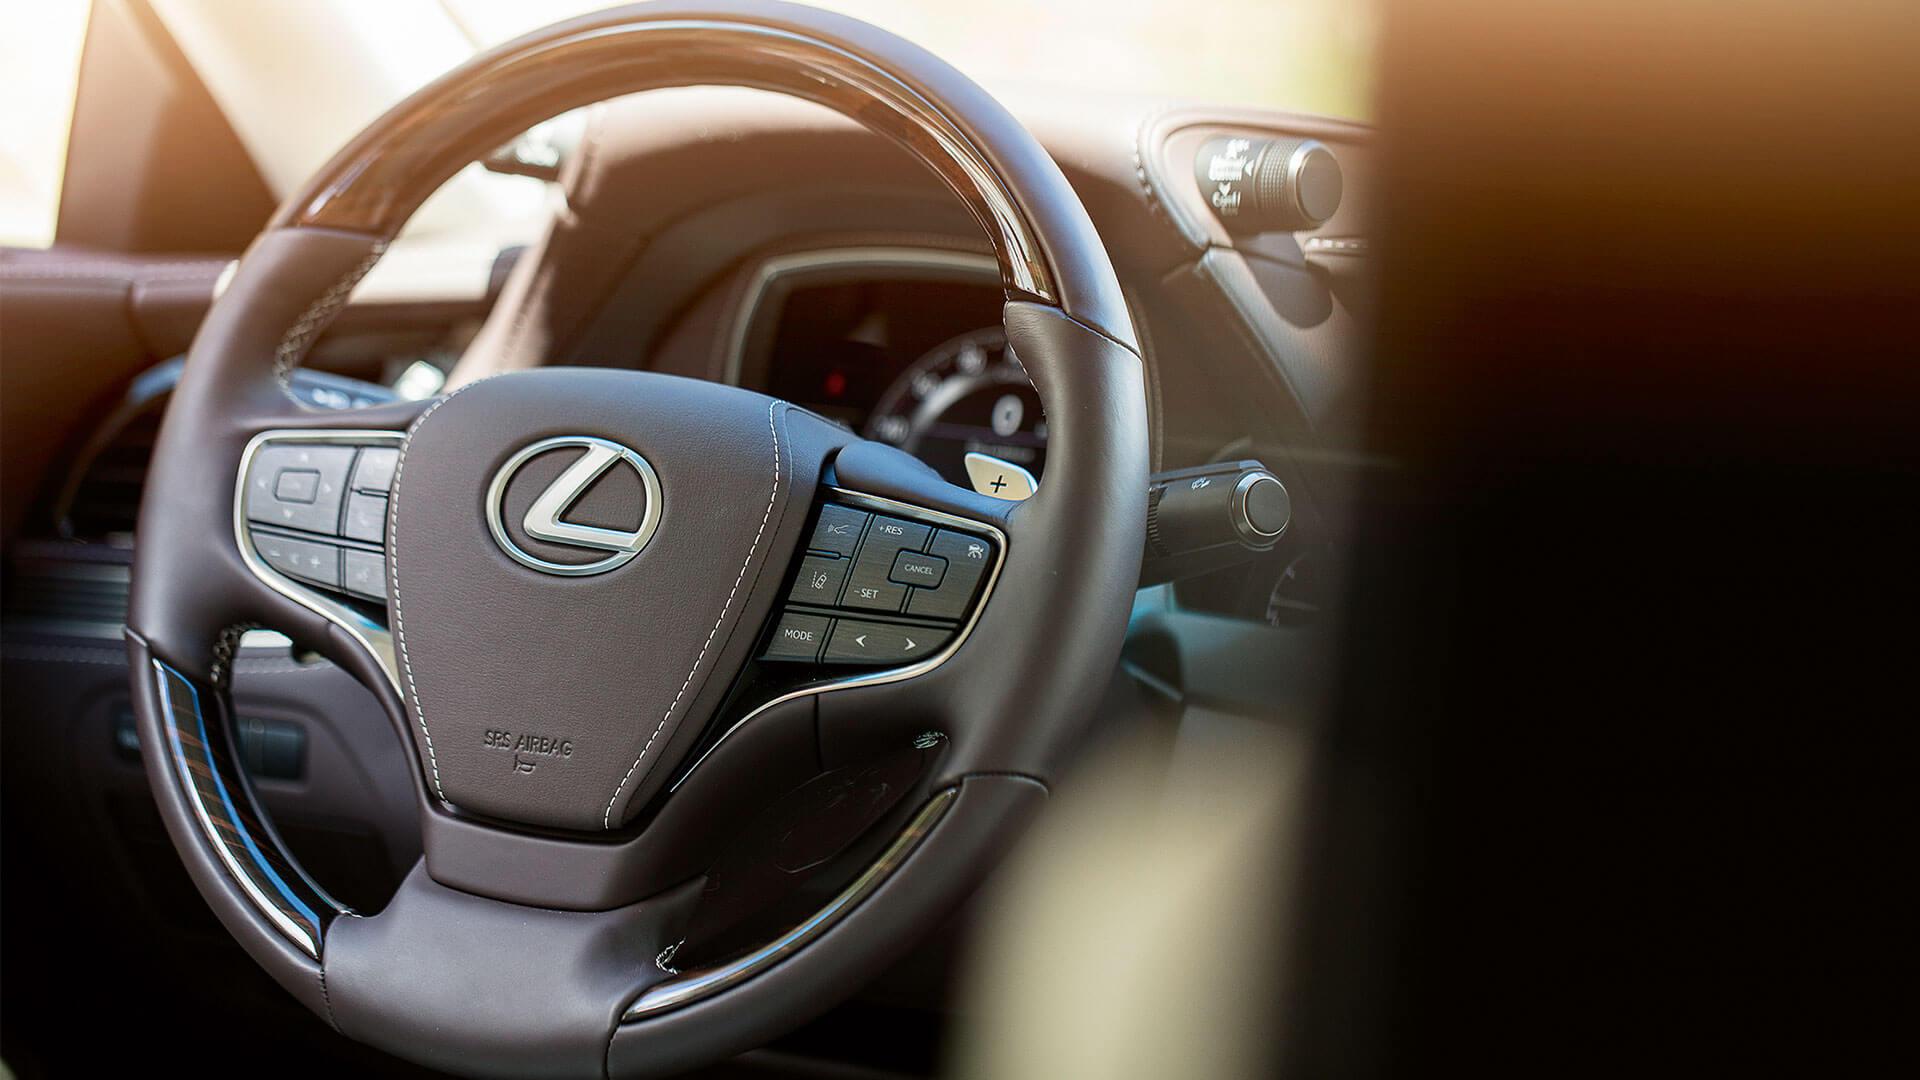 2018 lexus ls features leather steering wheel